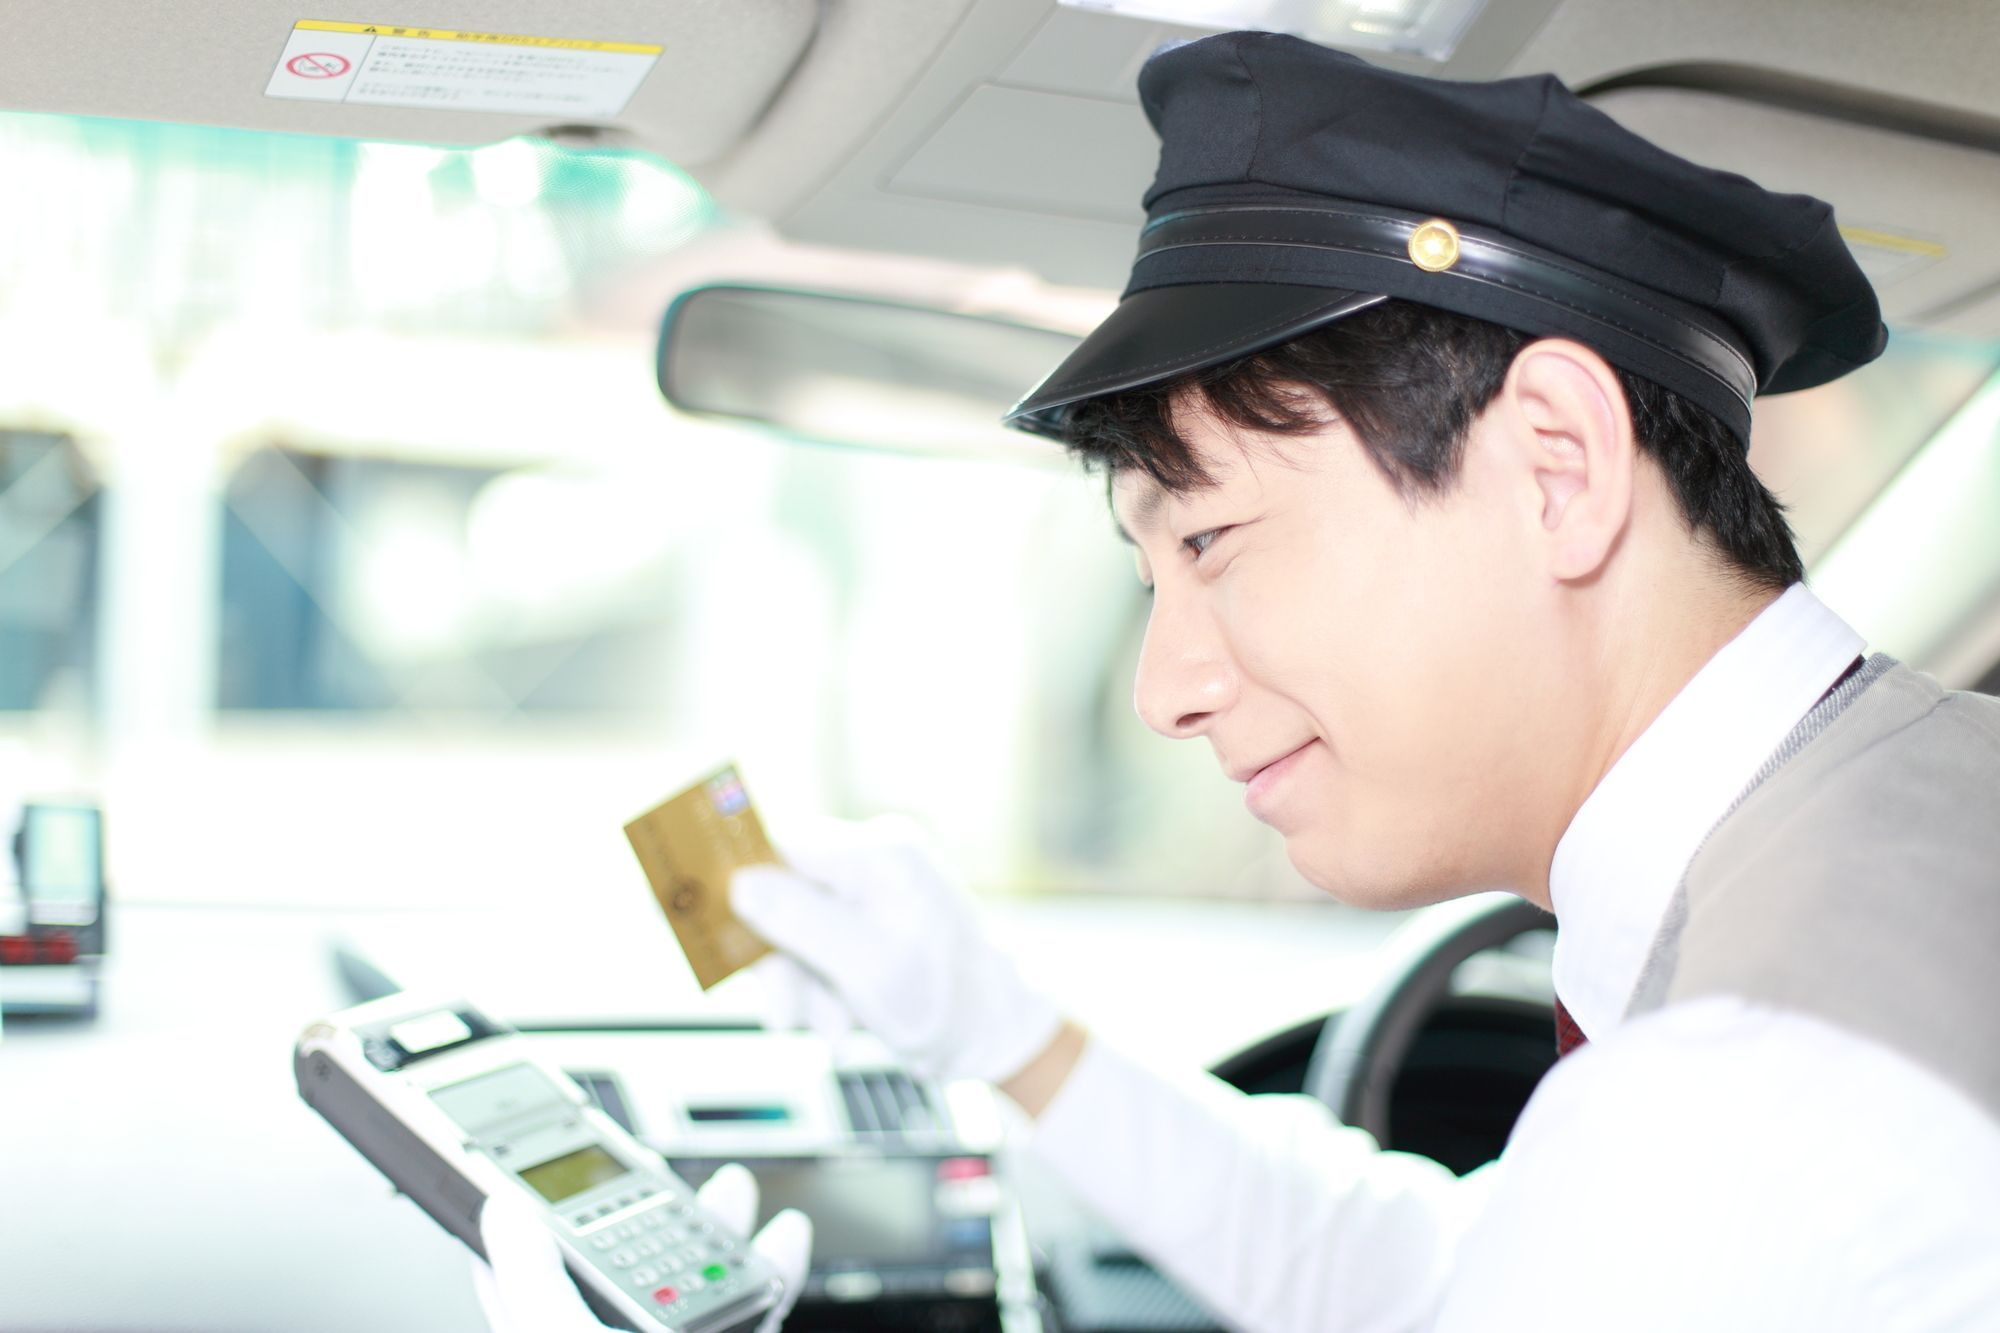 セブンイレブンでおなじみのnanacoがタクシーでも利用可能に!